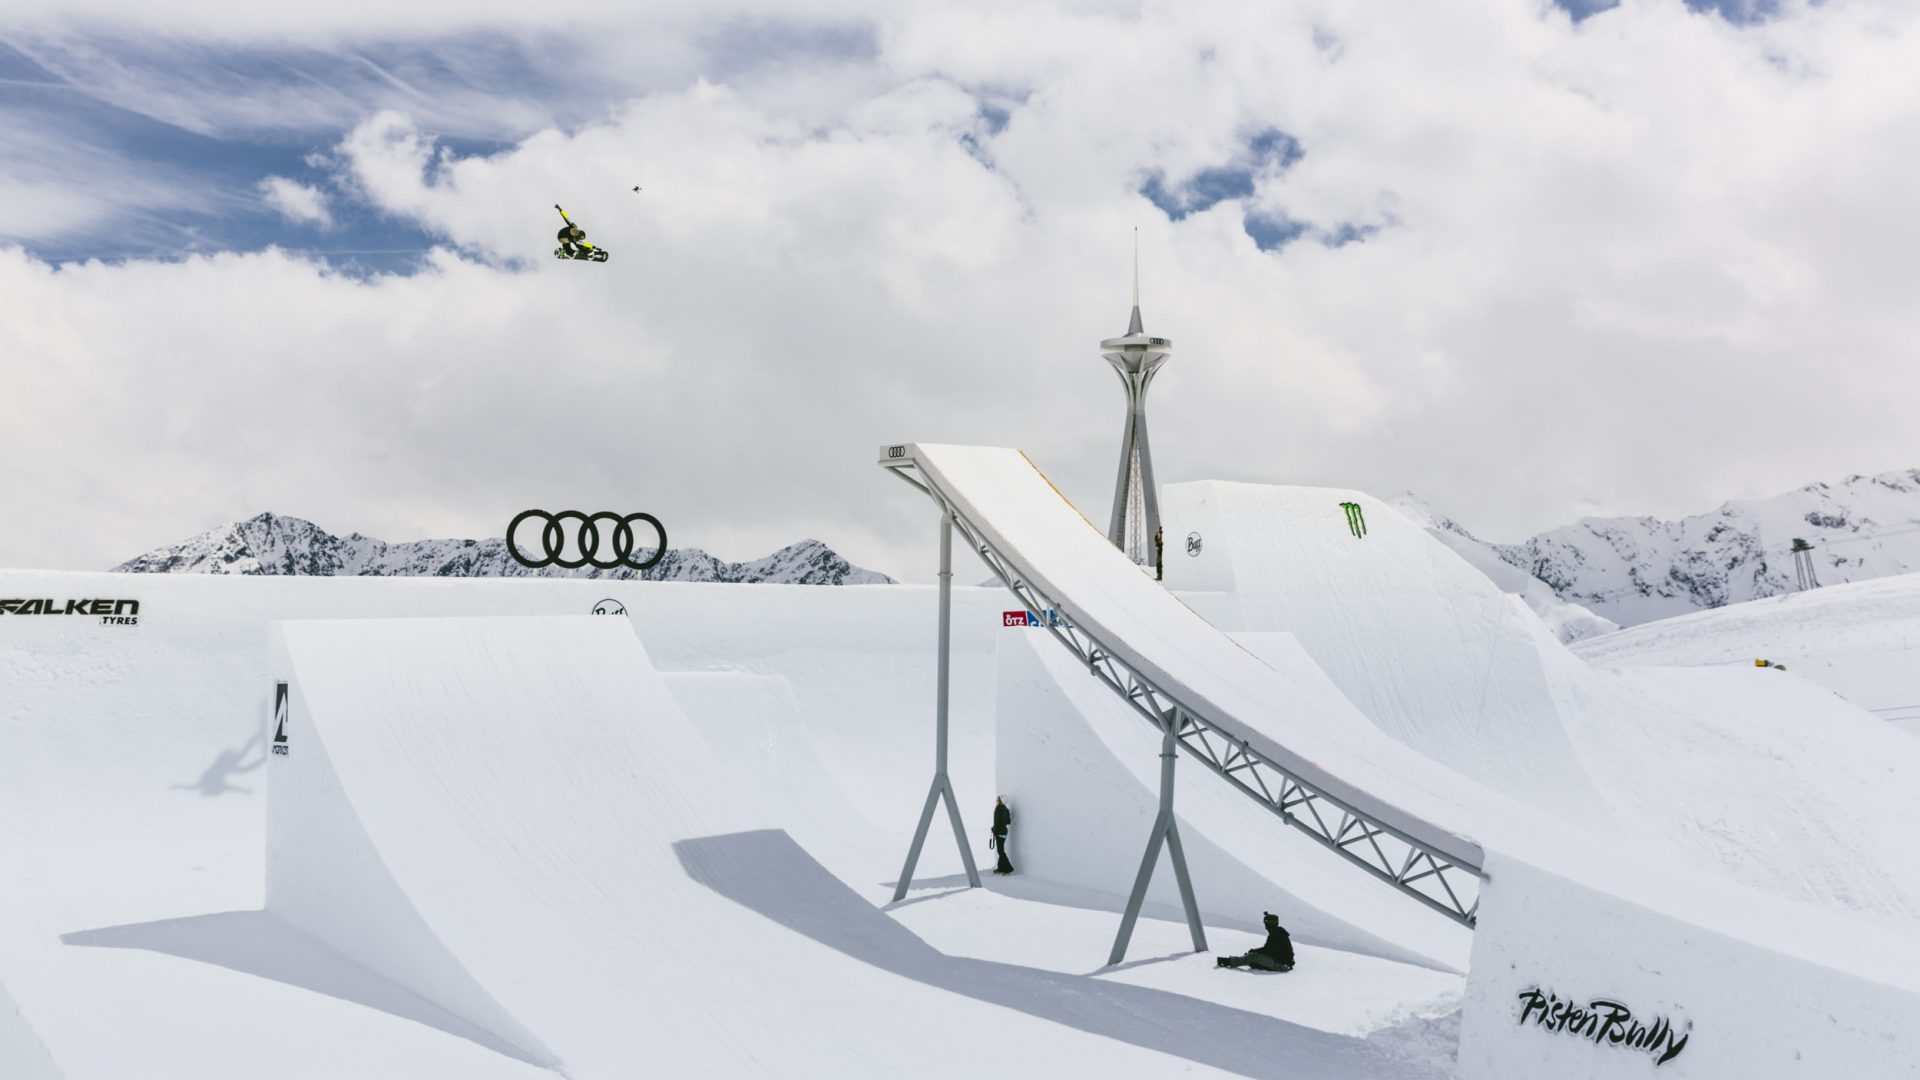 Audi9s